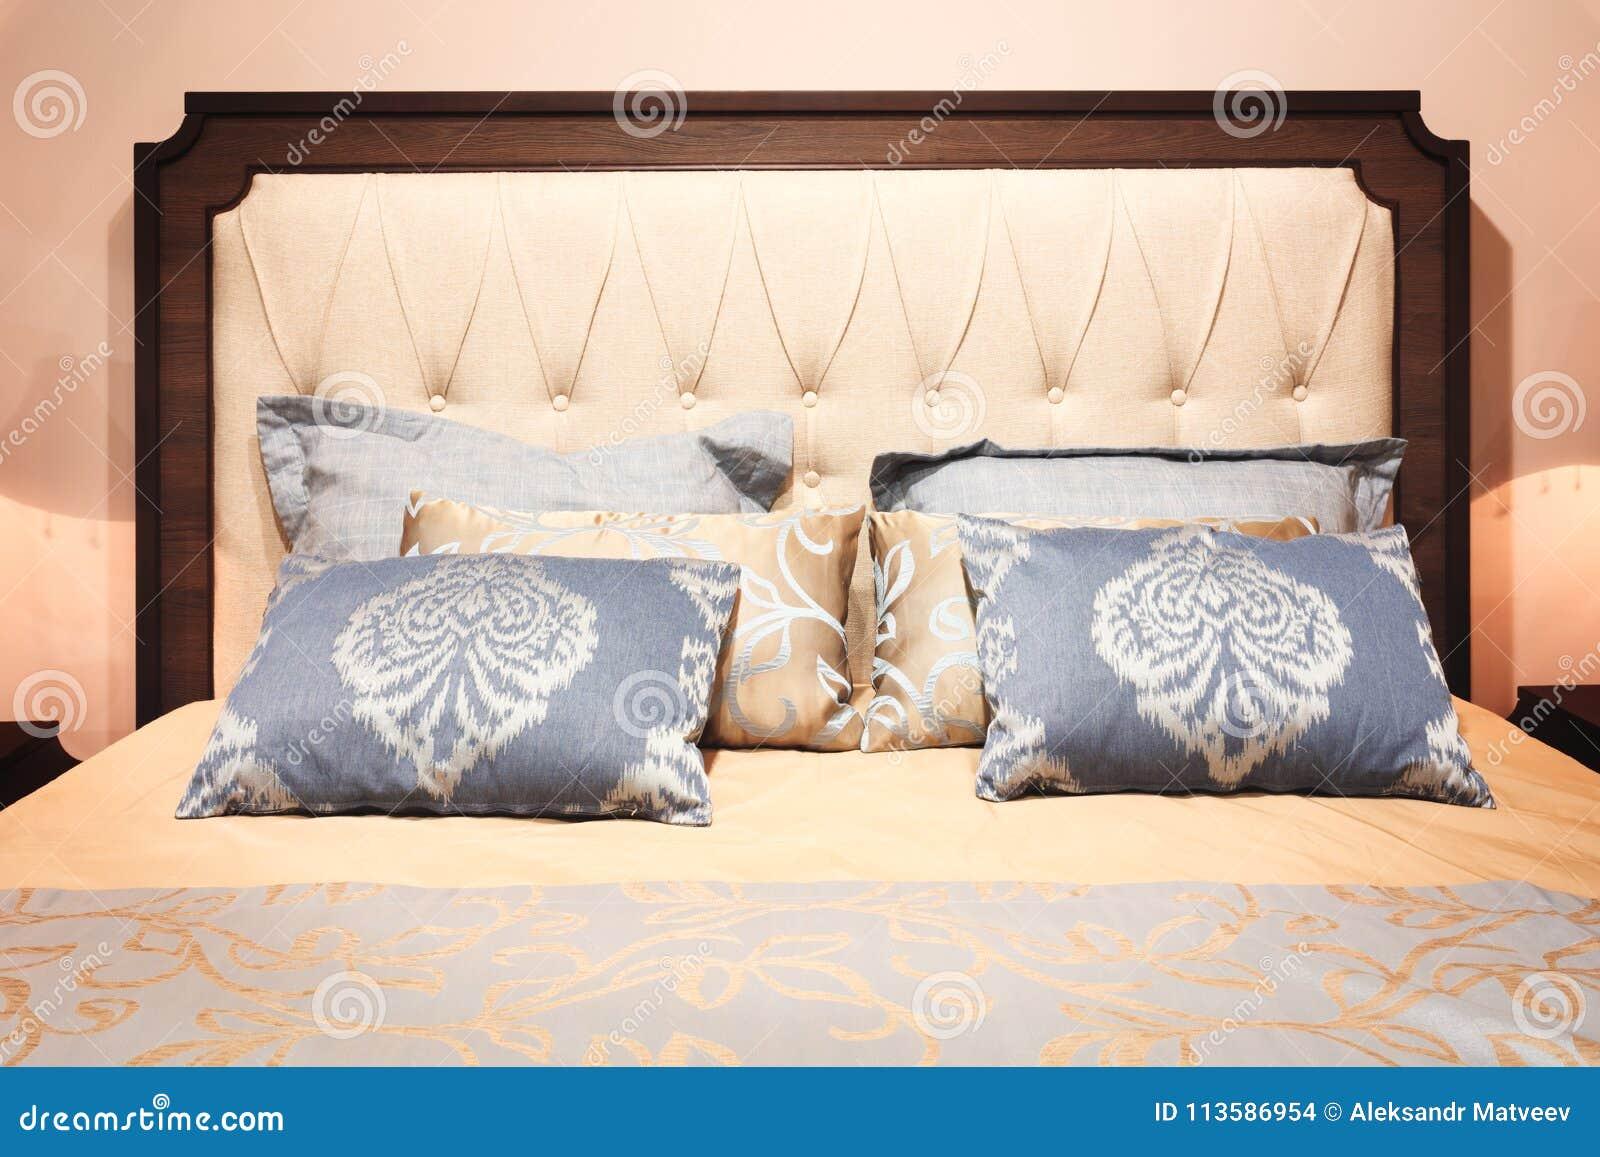 Chambre à Coucher Moderne De Luxe De Style Dans Les Tons Gris Et Bleus Roses ,